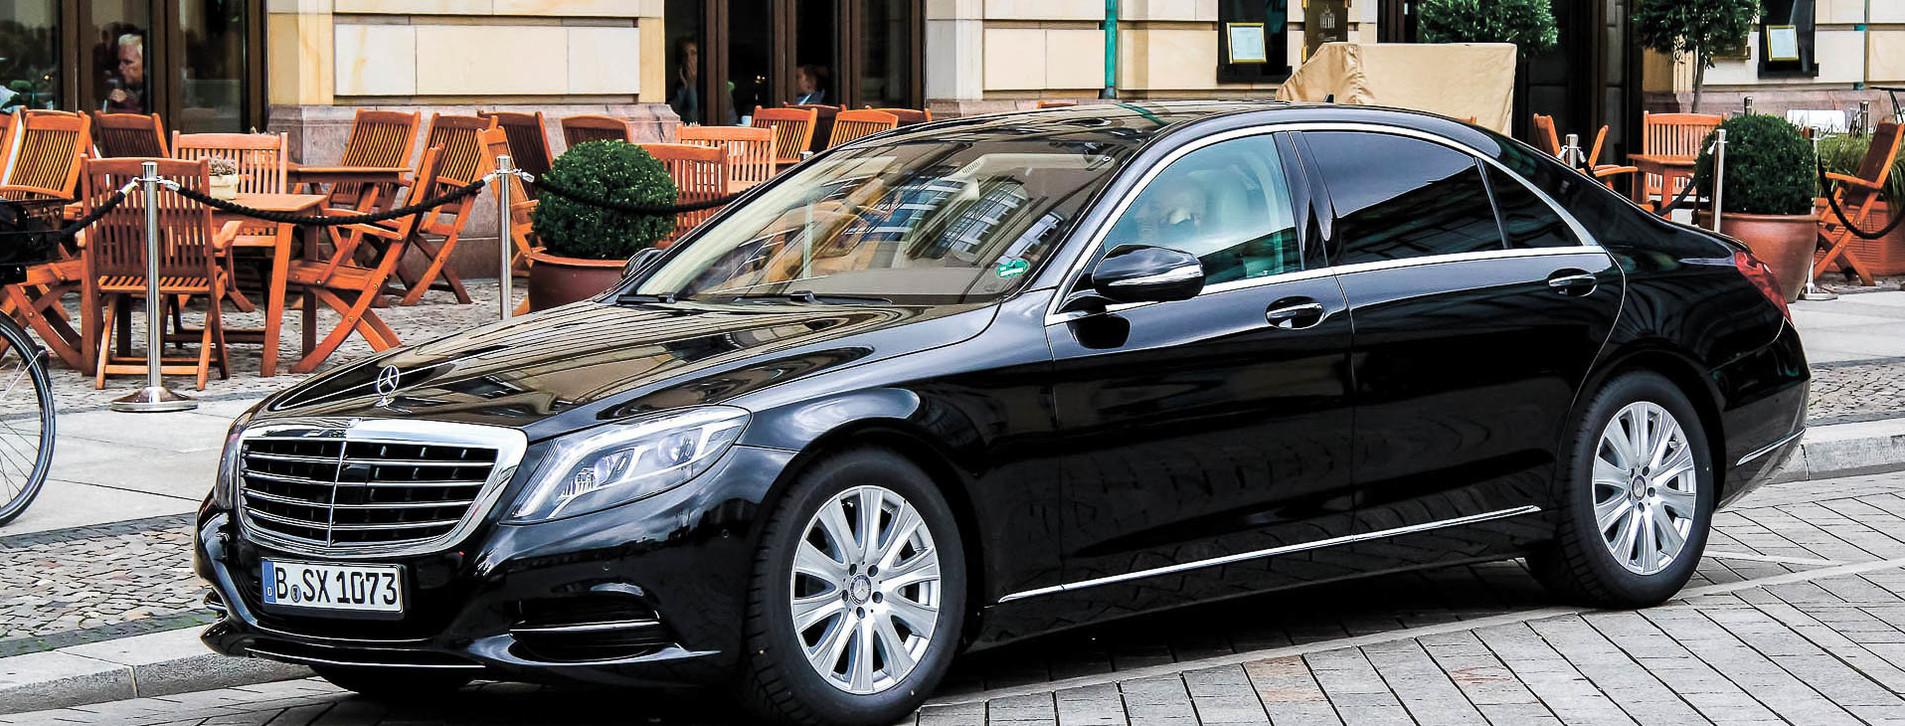 Фото 1 - Mercedes с водителем на день